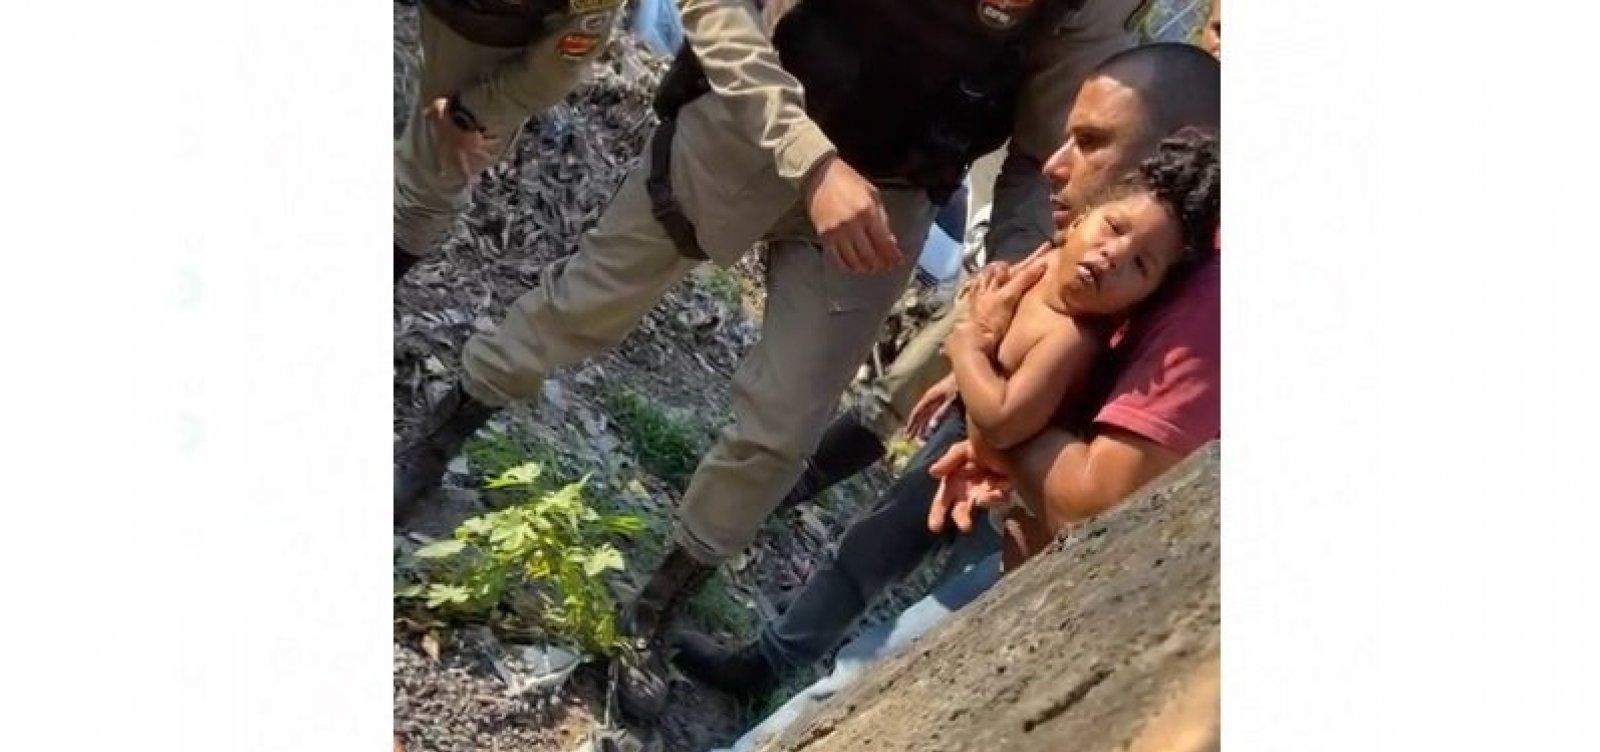 Policiais salvam criança que havia se engasgado com moeda em Fazenda Grande II; veja vídeo